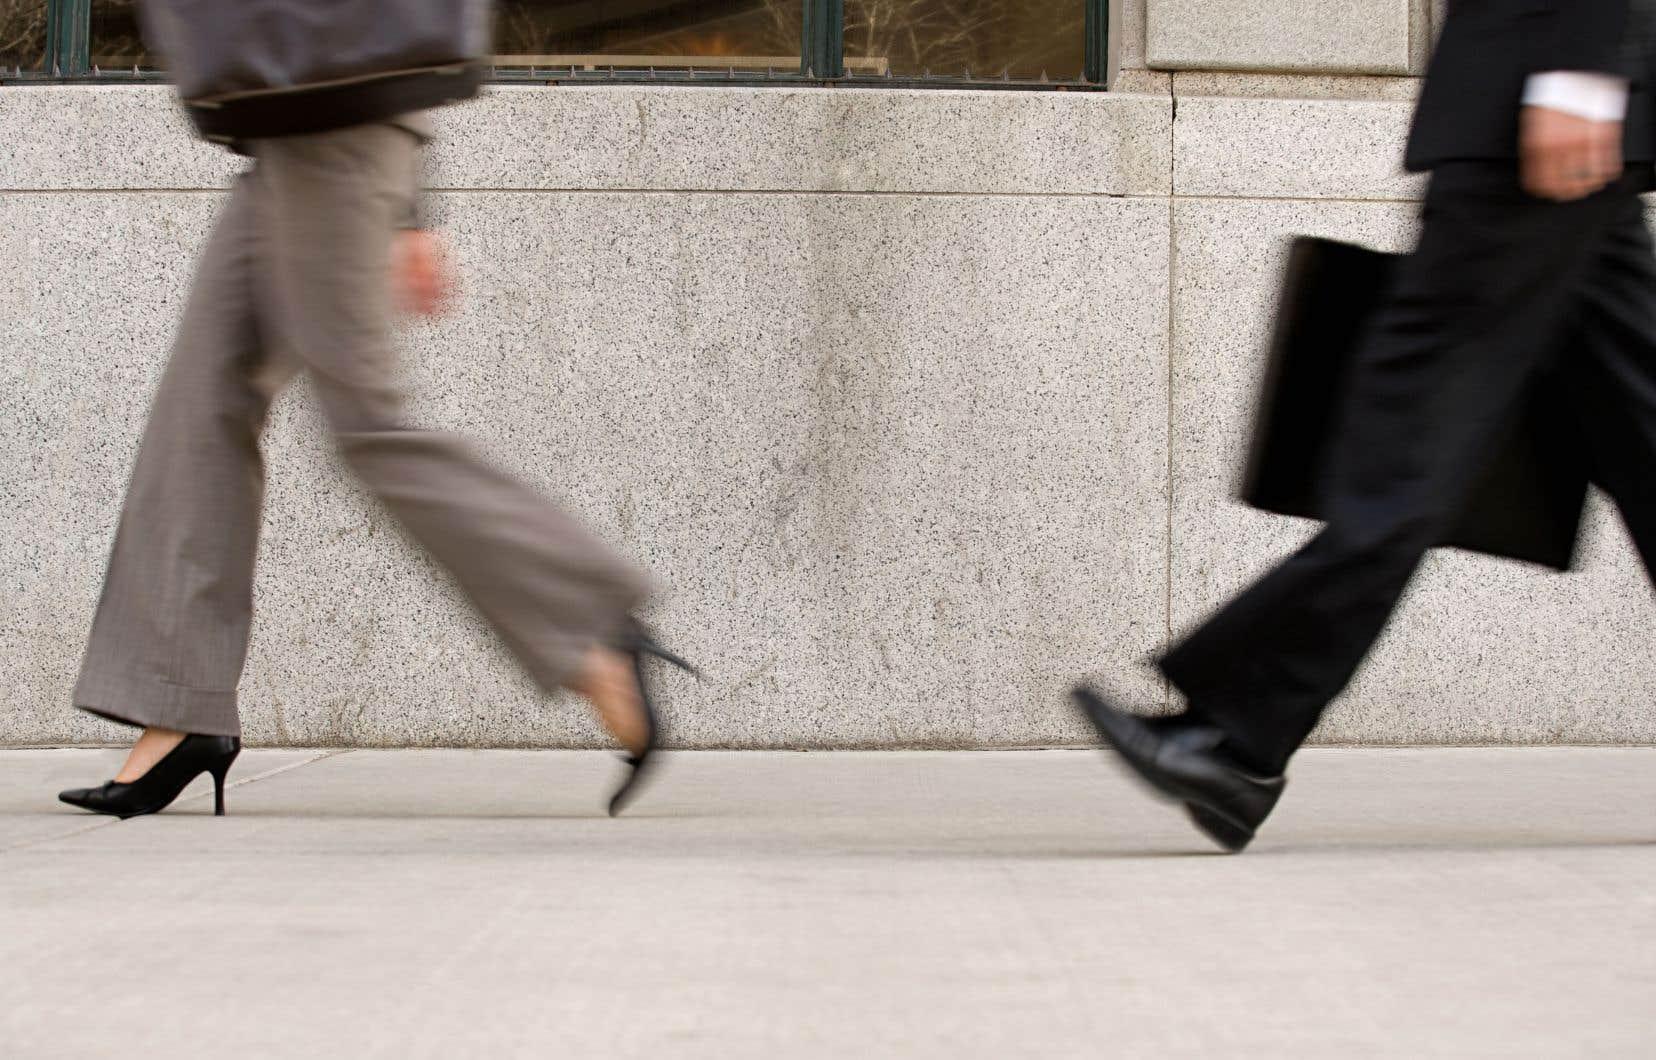 À l'heure actuelle, il existe au Québec 97 régimes de retraite qui s'appliquent différemment selon les employés en fonction de leur date d'embauche.